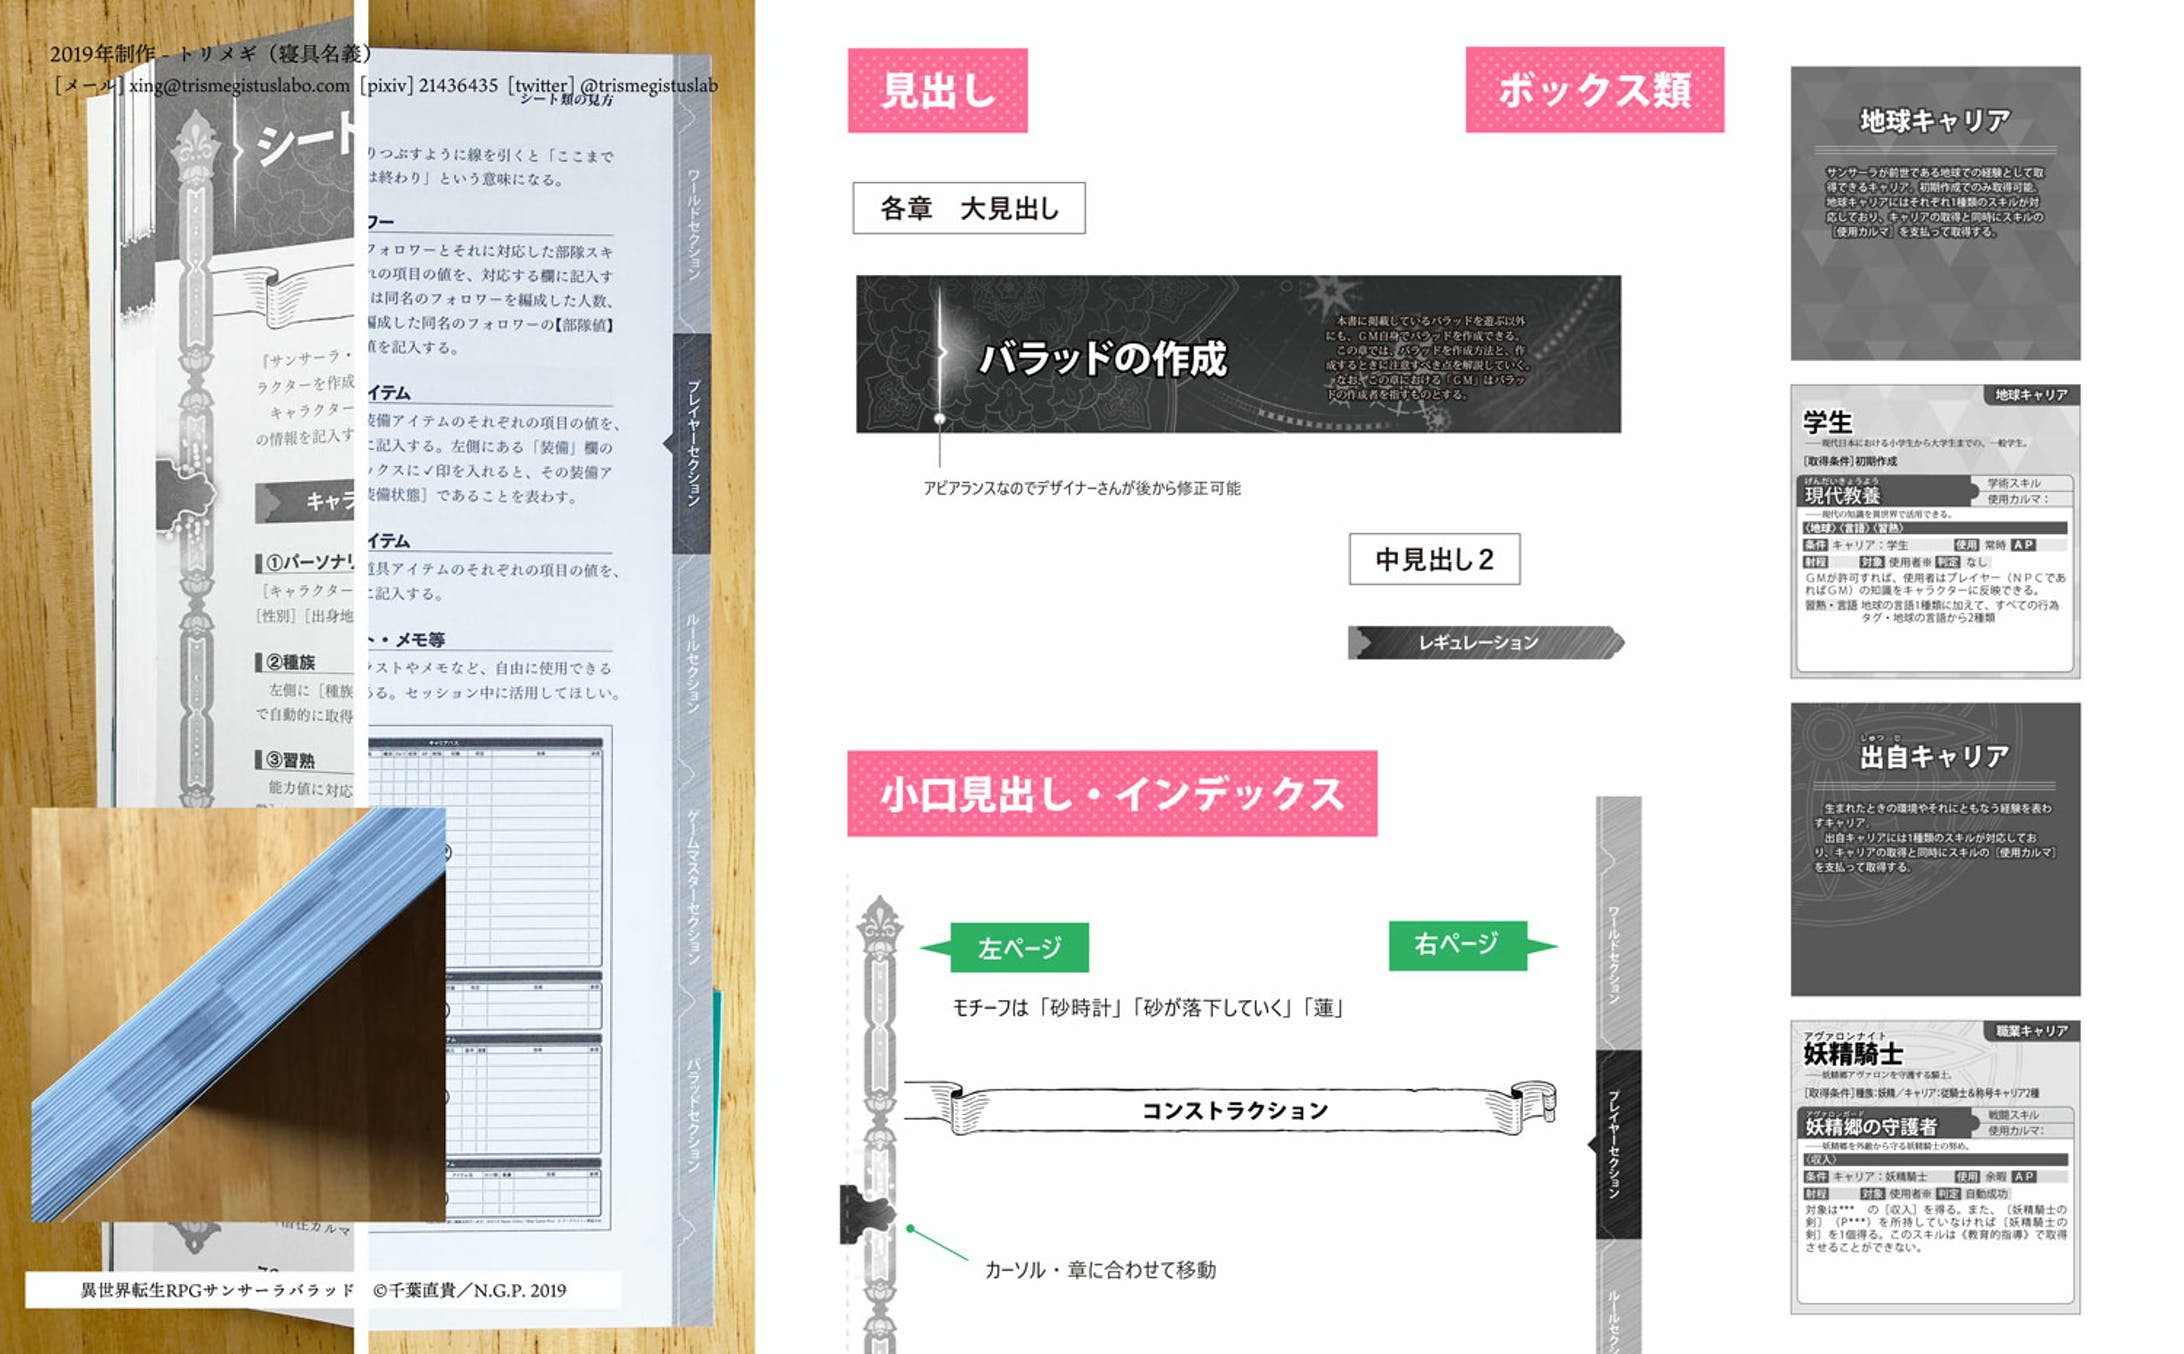 異世界転生RPG サンサーラ・バラッド - 誌面デザイン-13